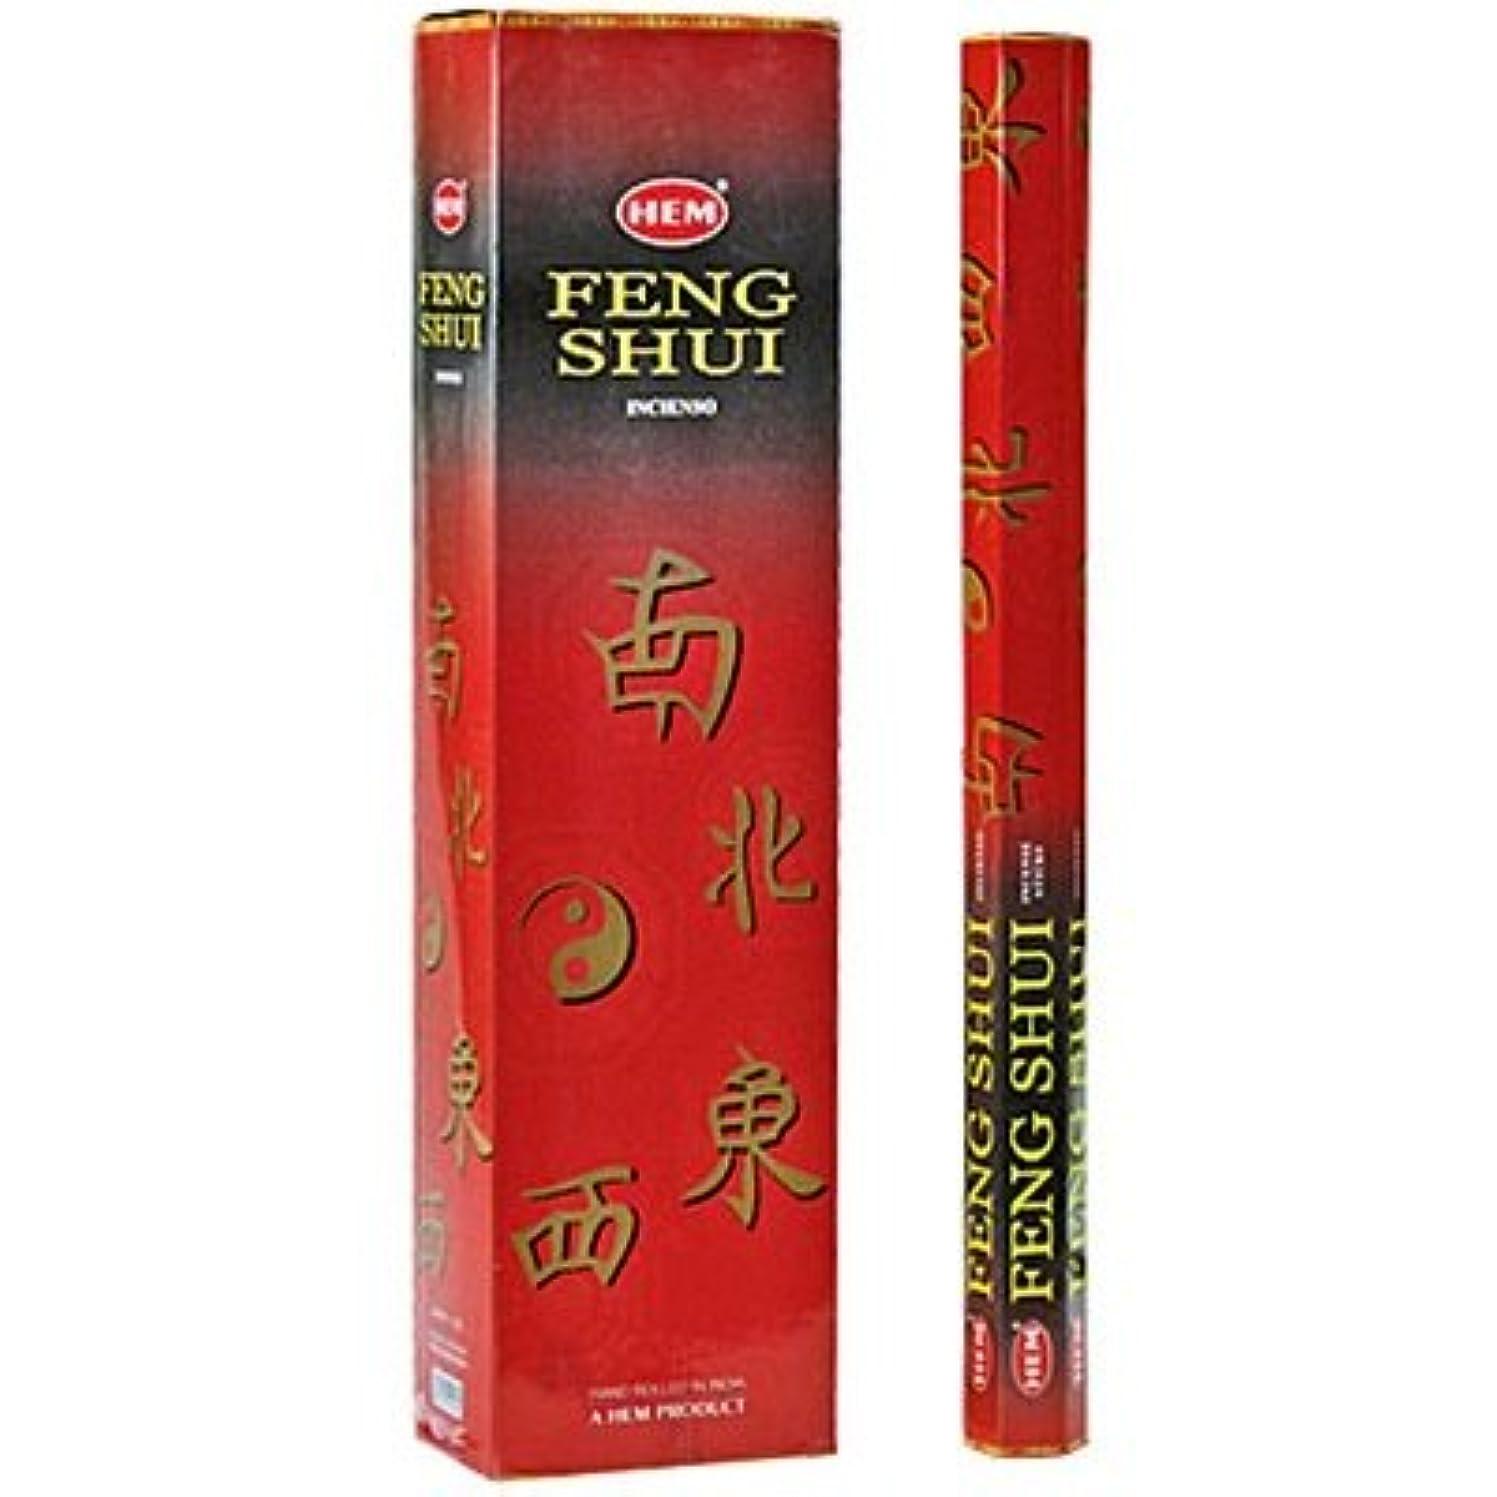 無視苦反動Feng Shui – 裾ジャンボ16インチIncense Sticks 10スティック六角ボックス(セットof 6 )